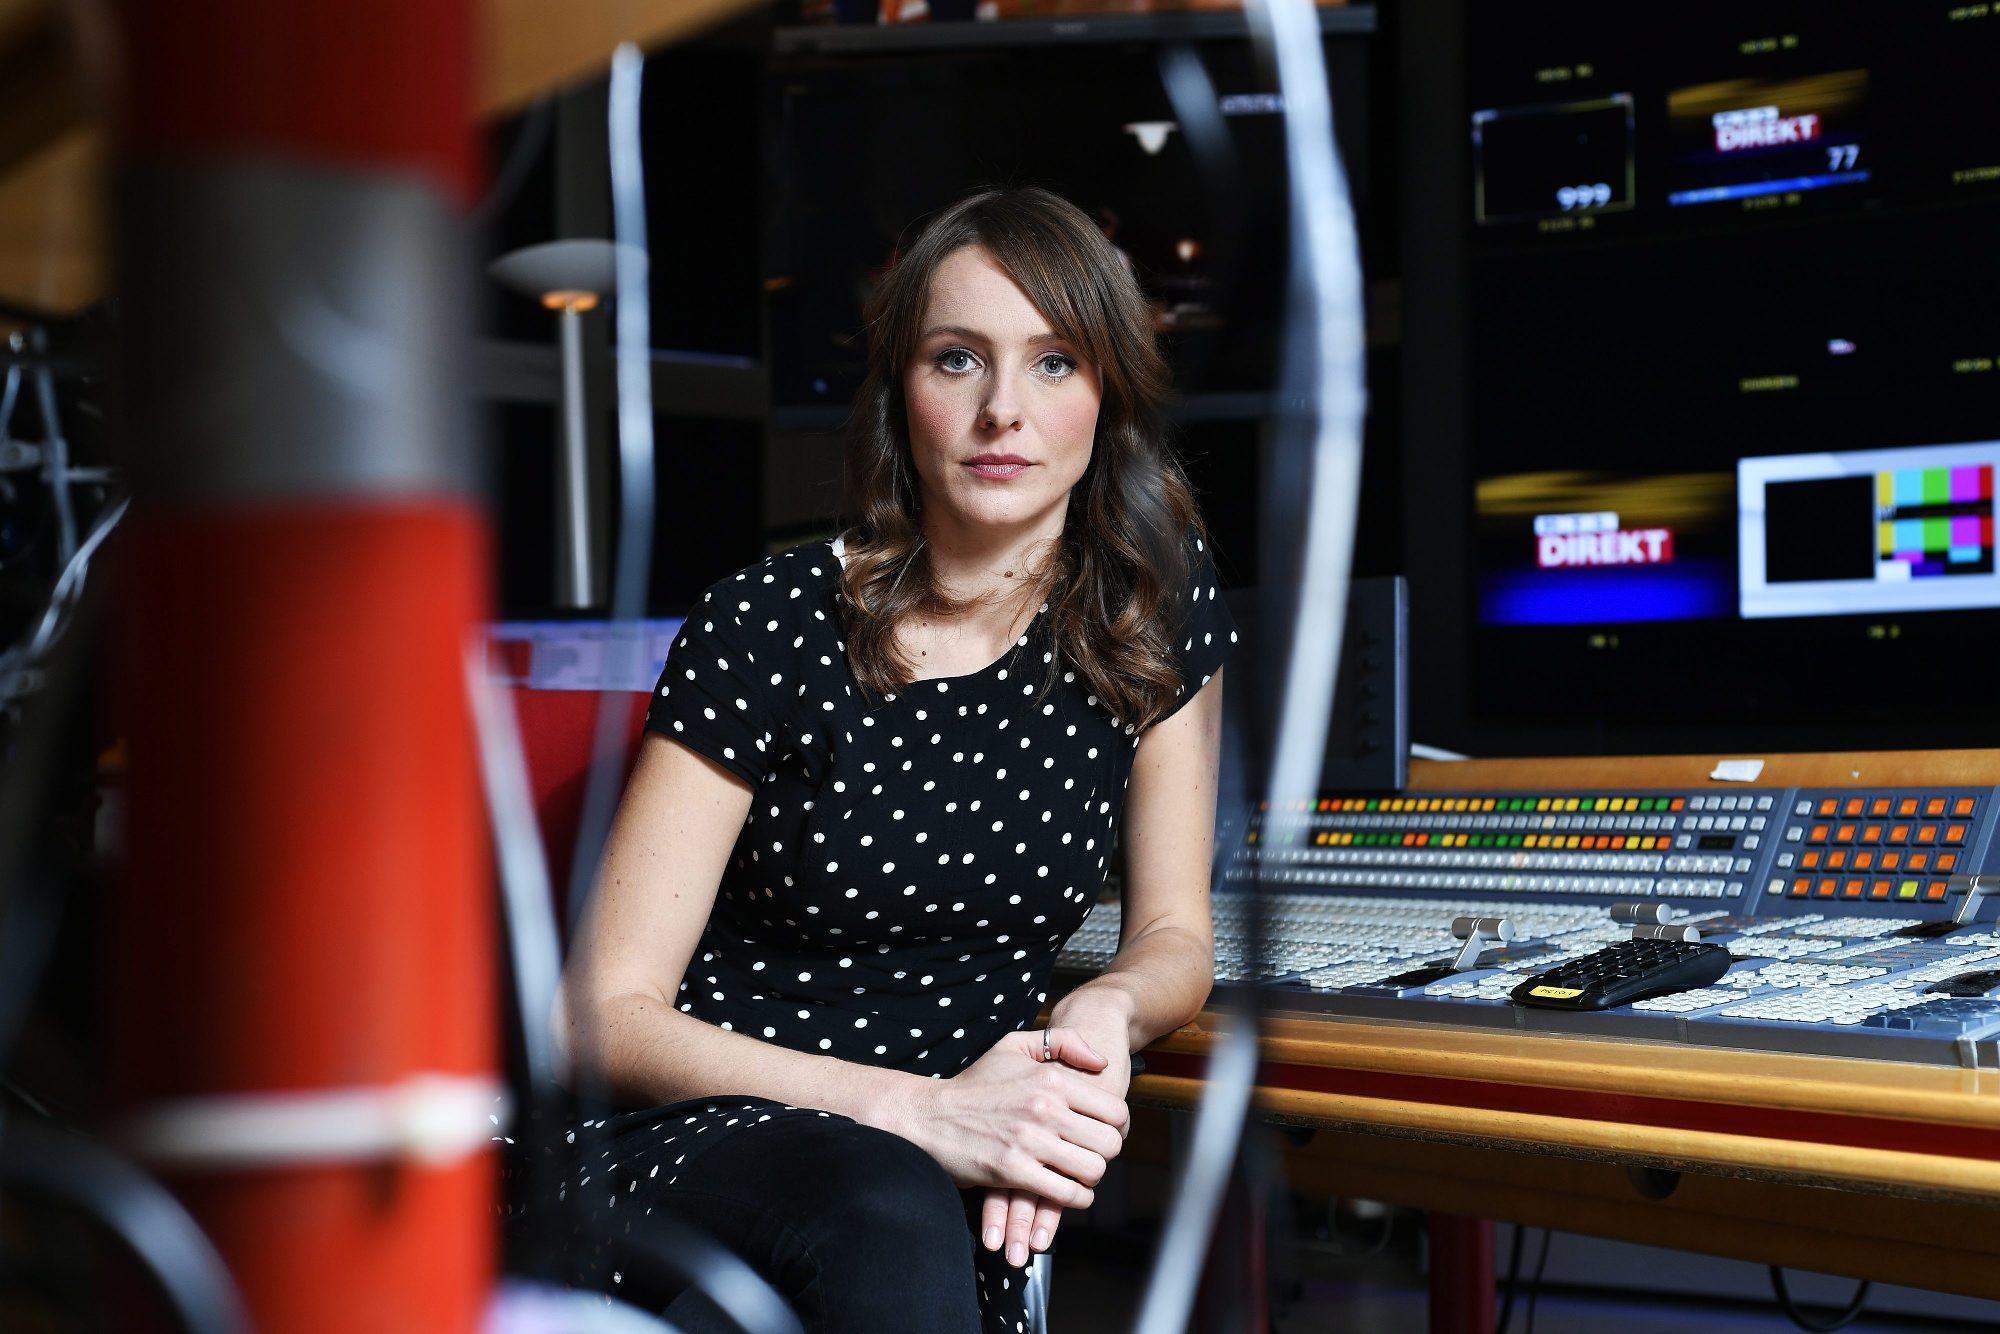 Mojmira Pastorcic, urednica emisije RTL Direkt, fotografirana u prostorima RTL televizije.